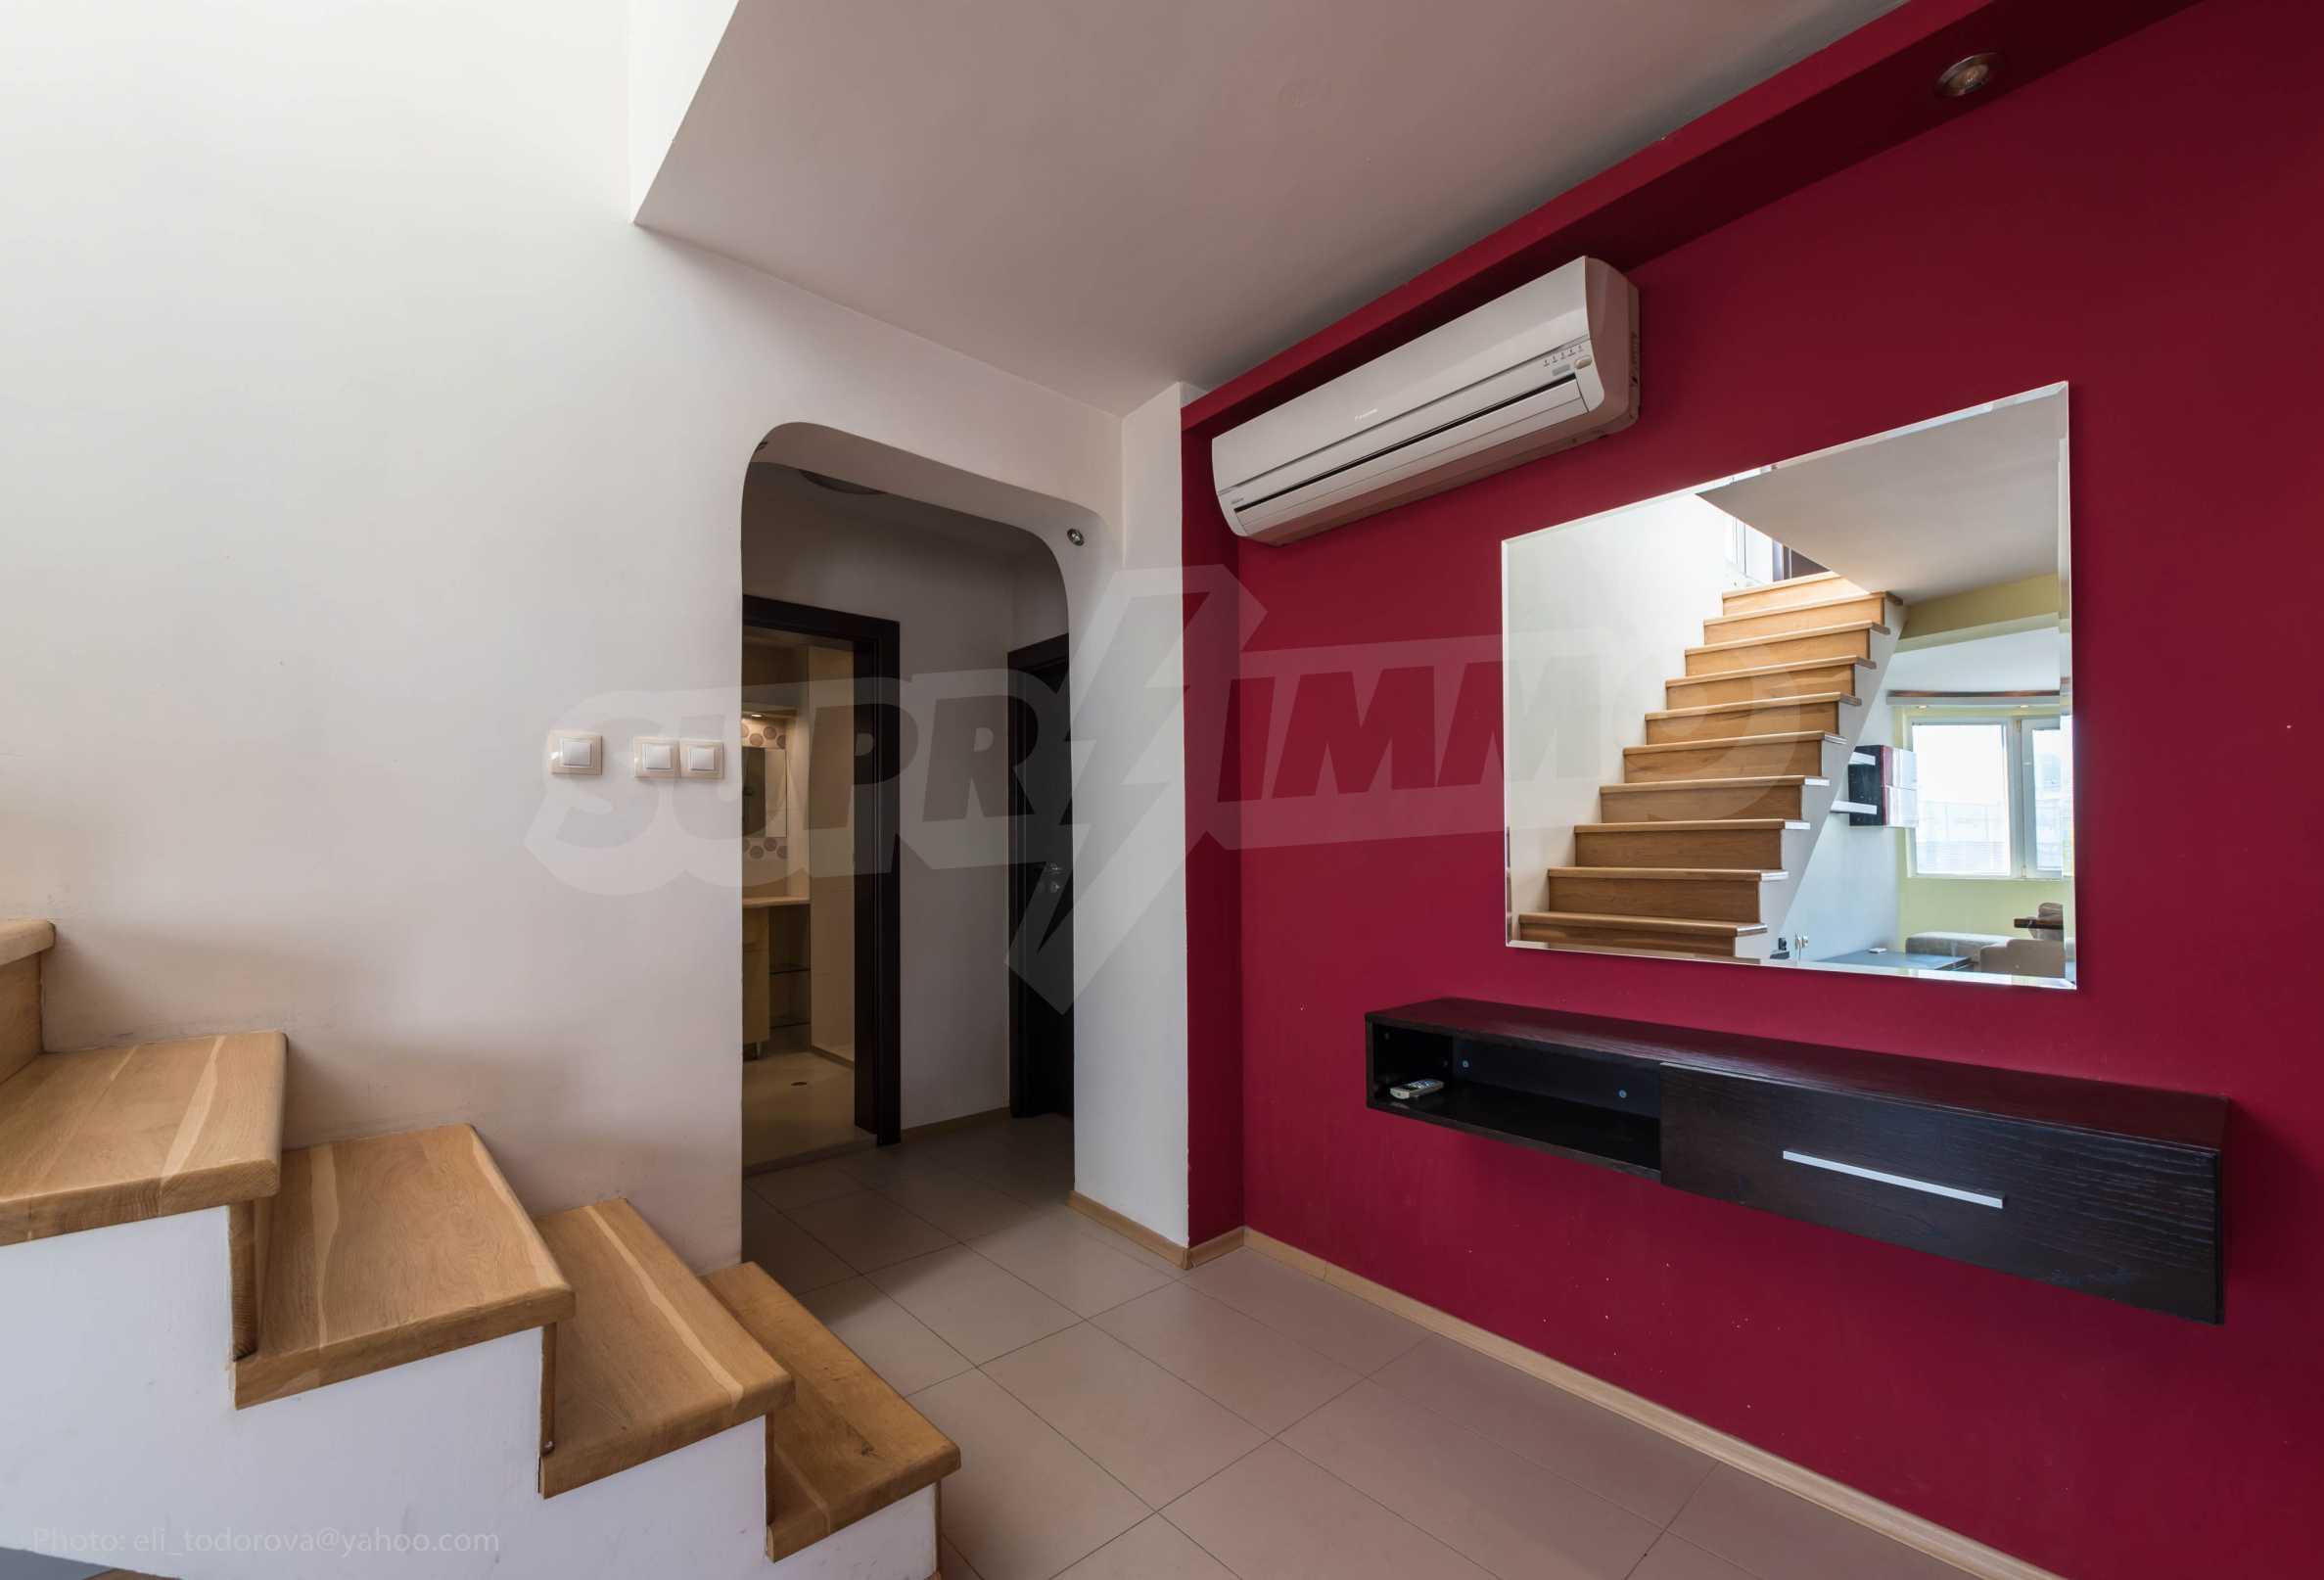 Квартира «Миша» - отличная трехкомнатная недвижимость в идеальном центре. 10